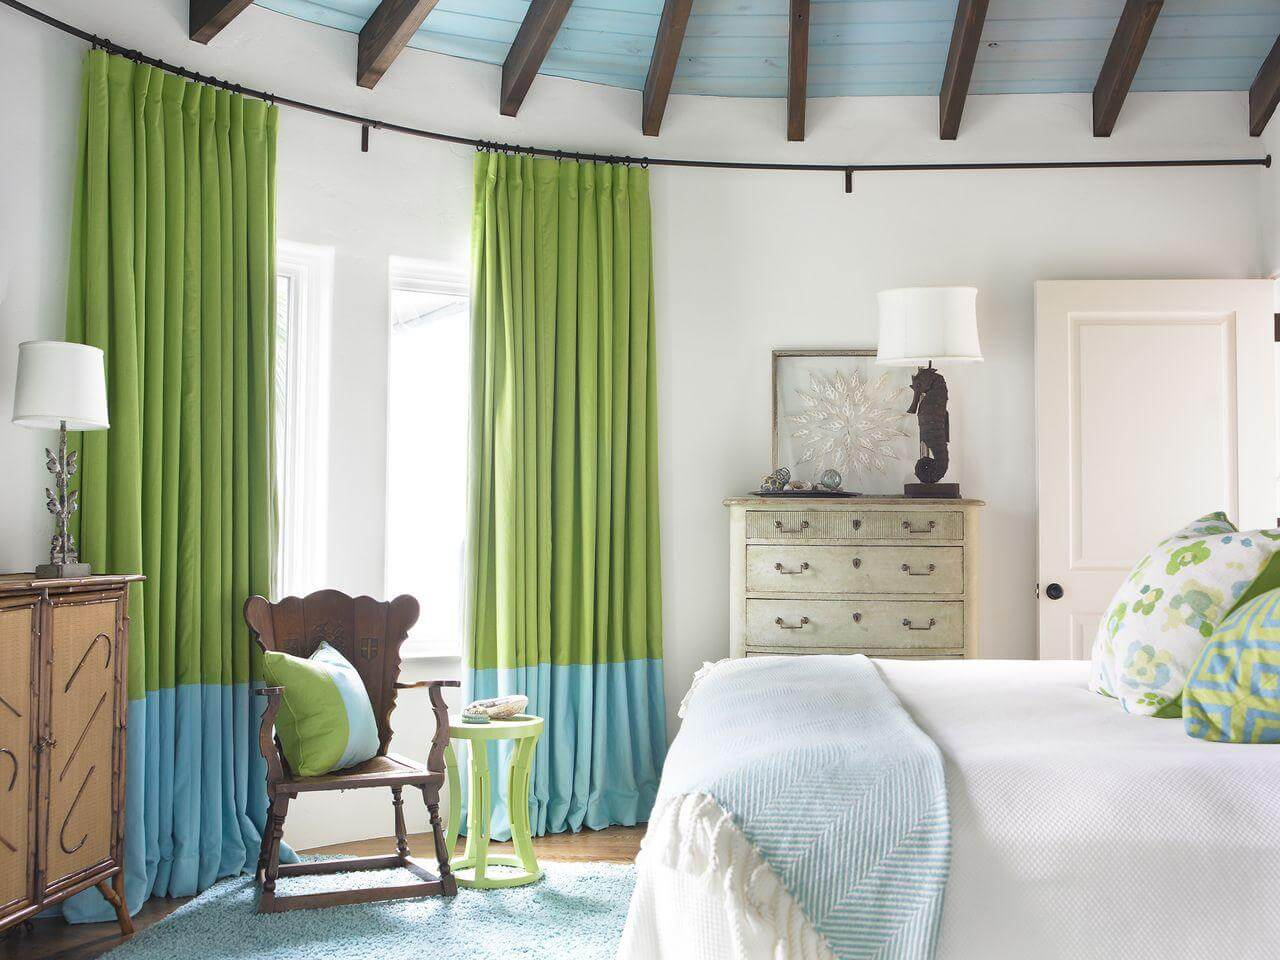 Декор штор — обязательный элемент интерьера